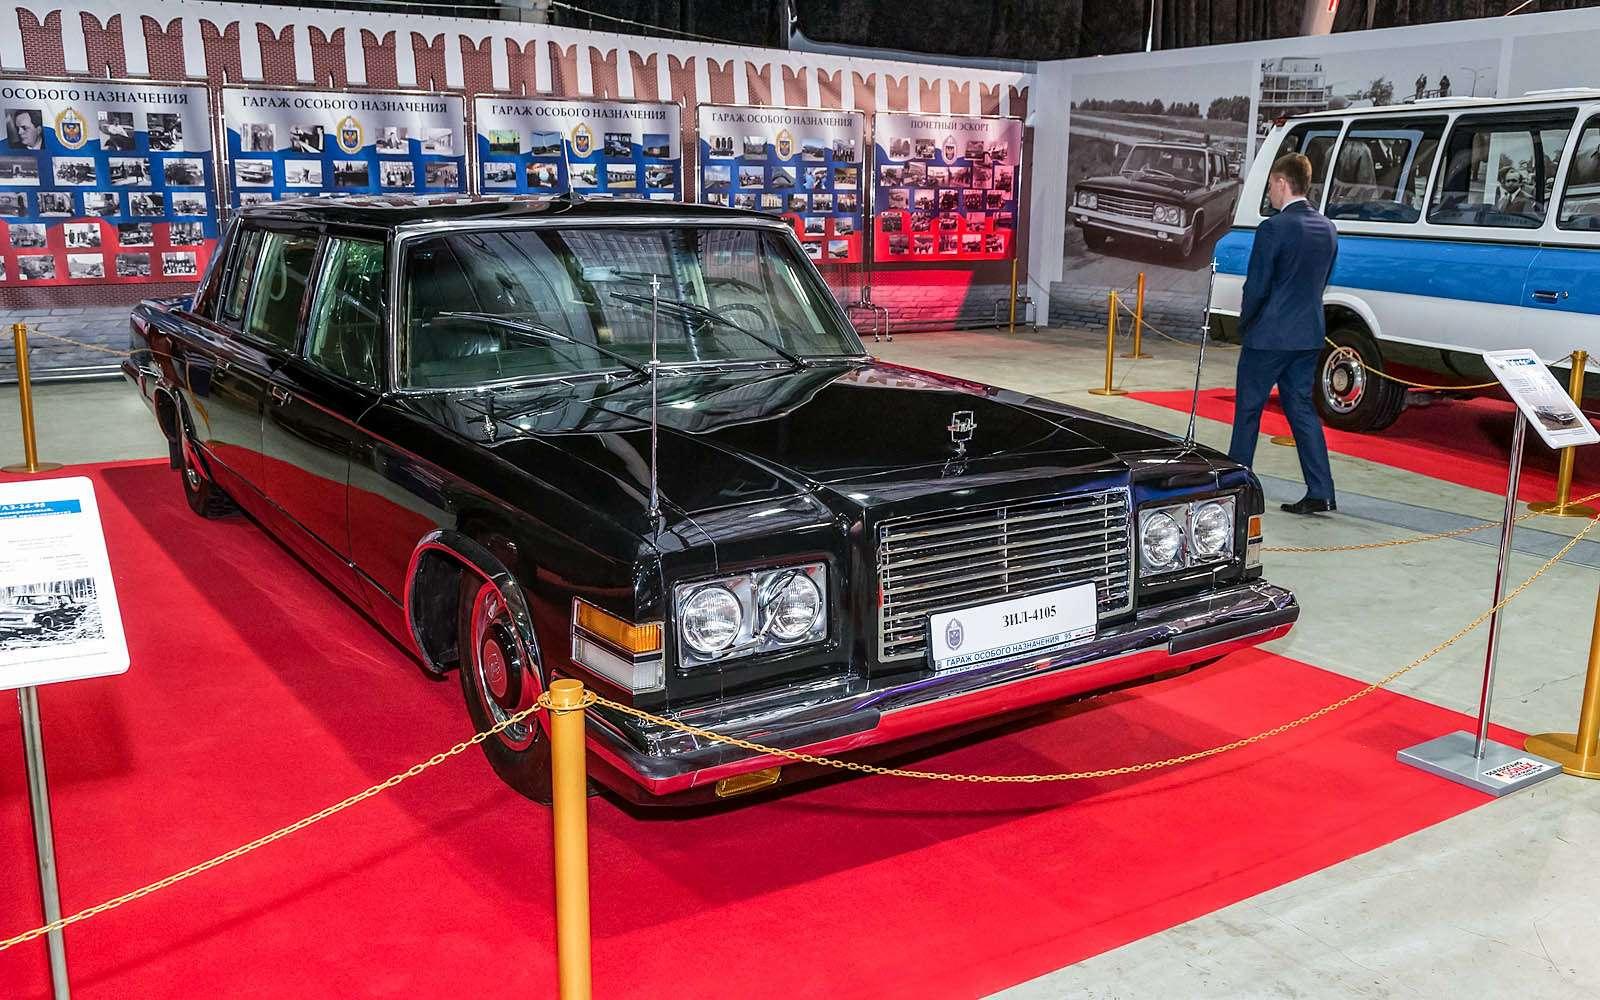 бронированный автомобиль ЗИЛ-4105